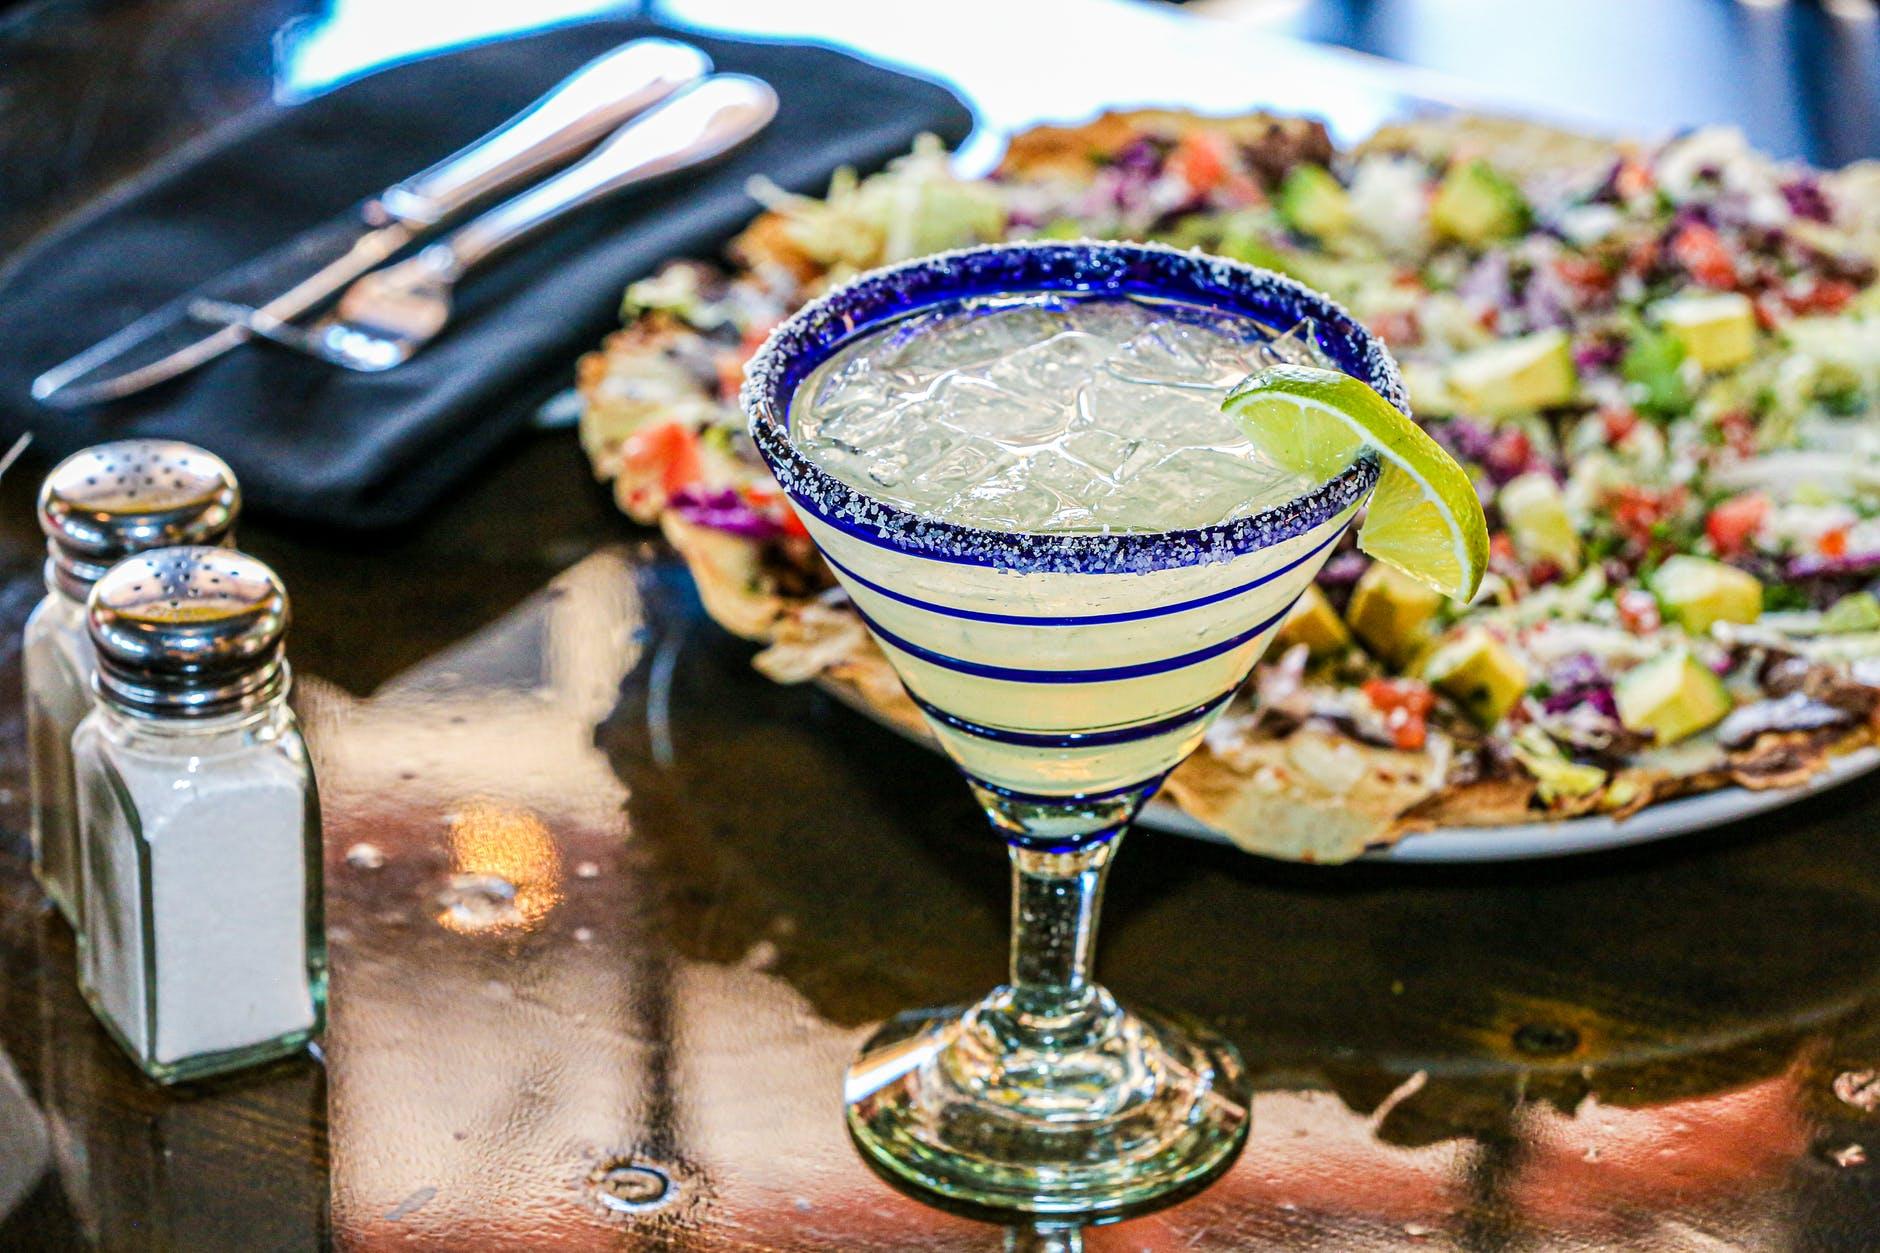 La comida mexicana en el mundo